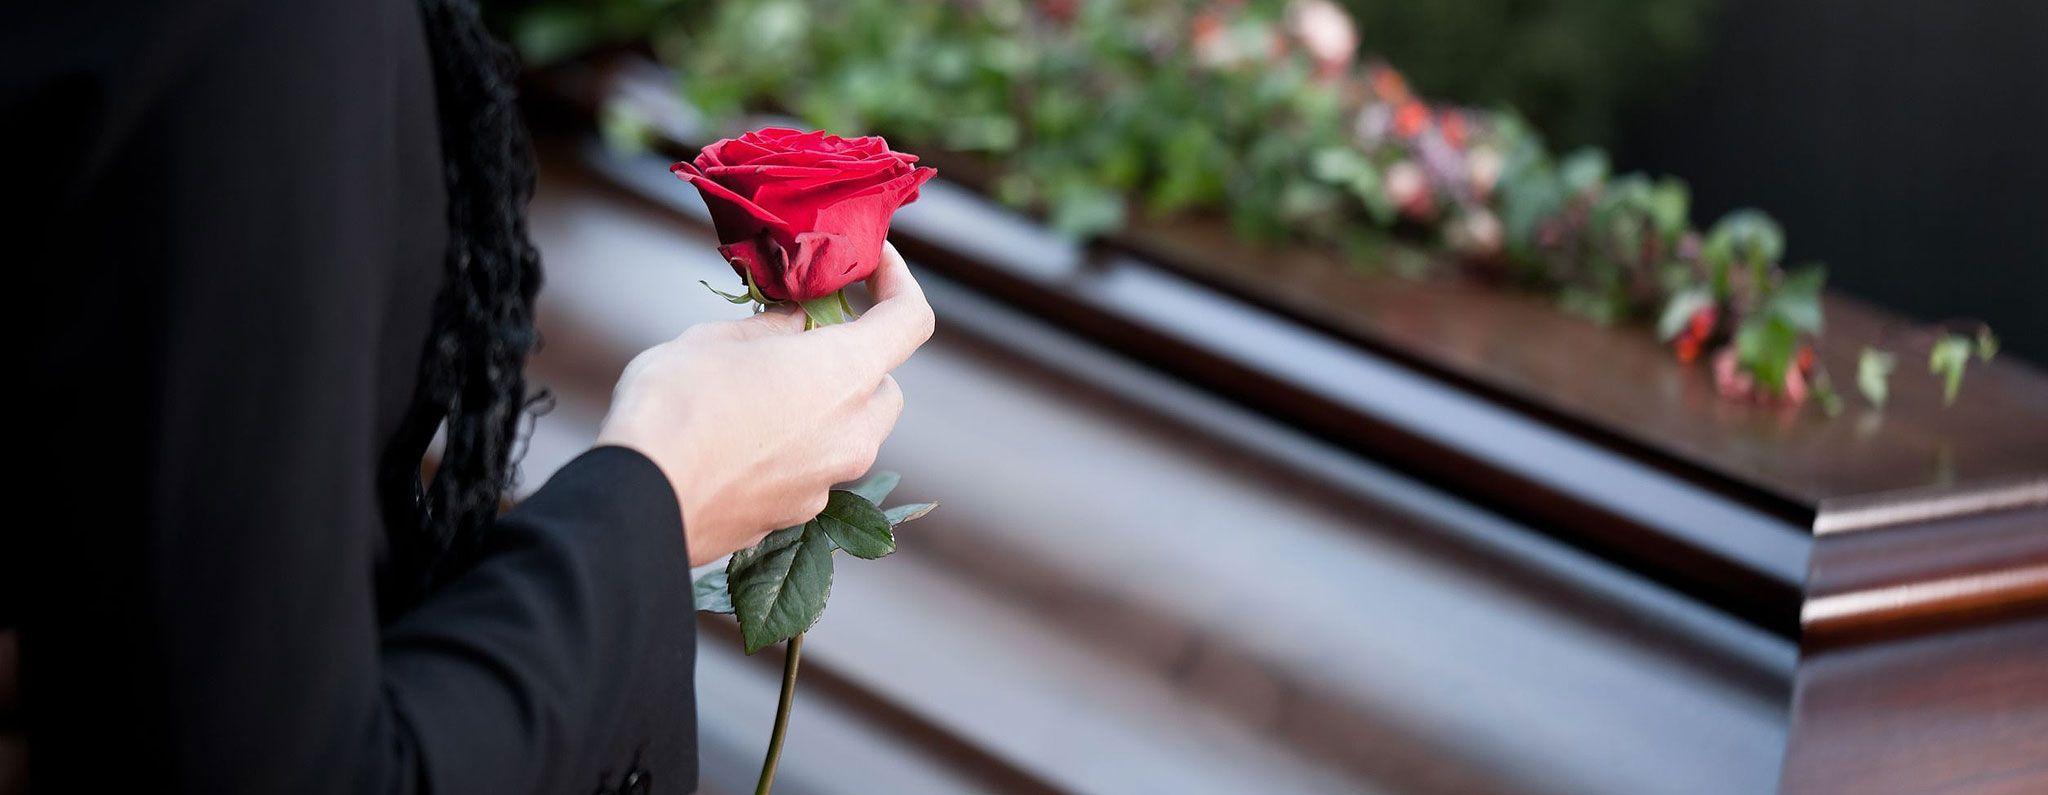 Si spezza la bara al funerale, figlia pronta a fare causa: 'Mio padre morto due volte'